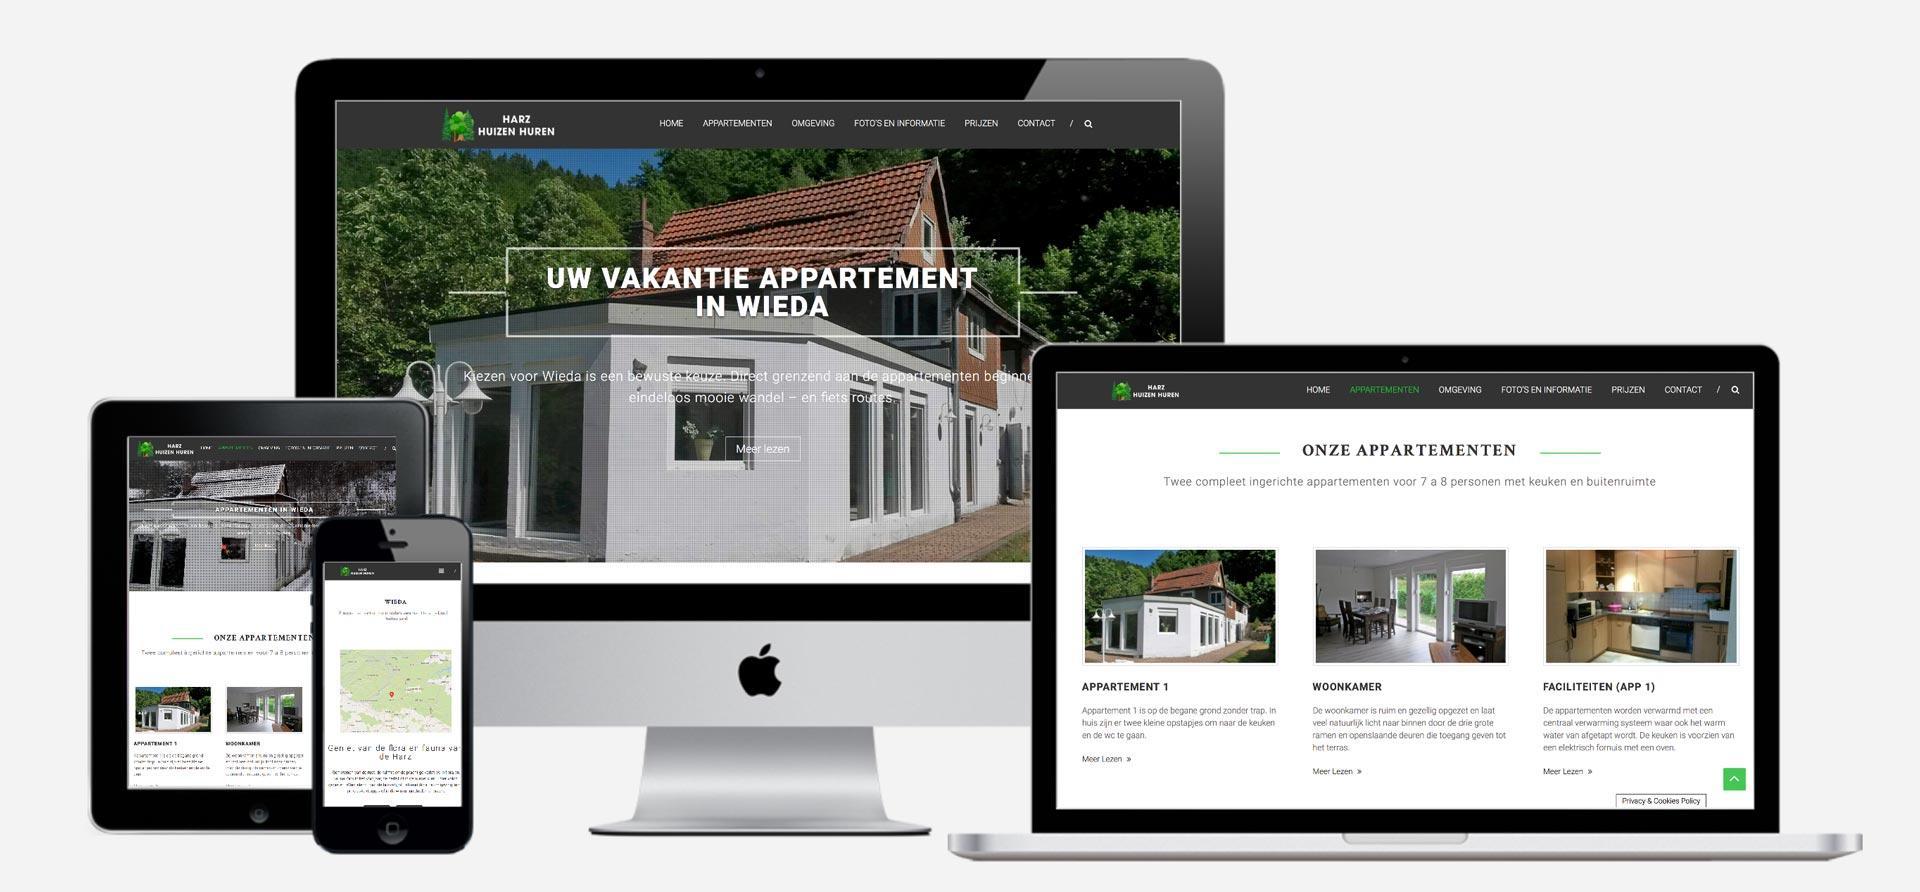 Harz Huizen huren website